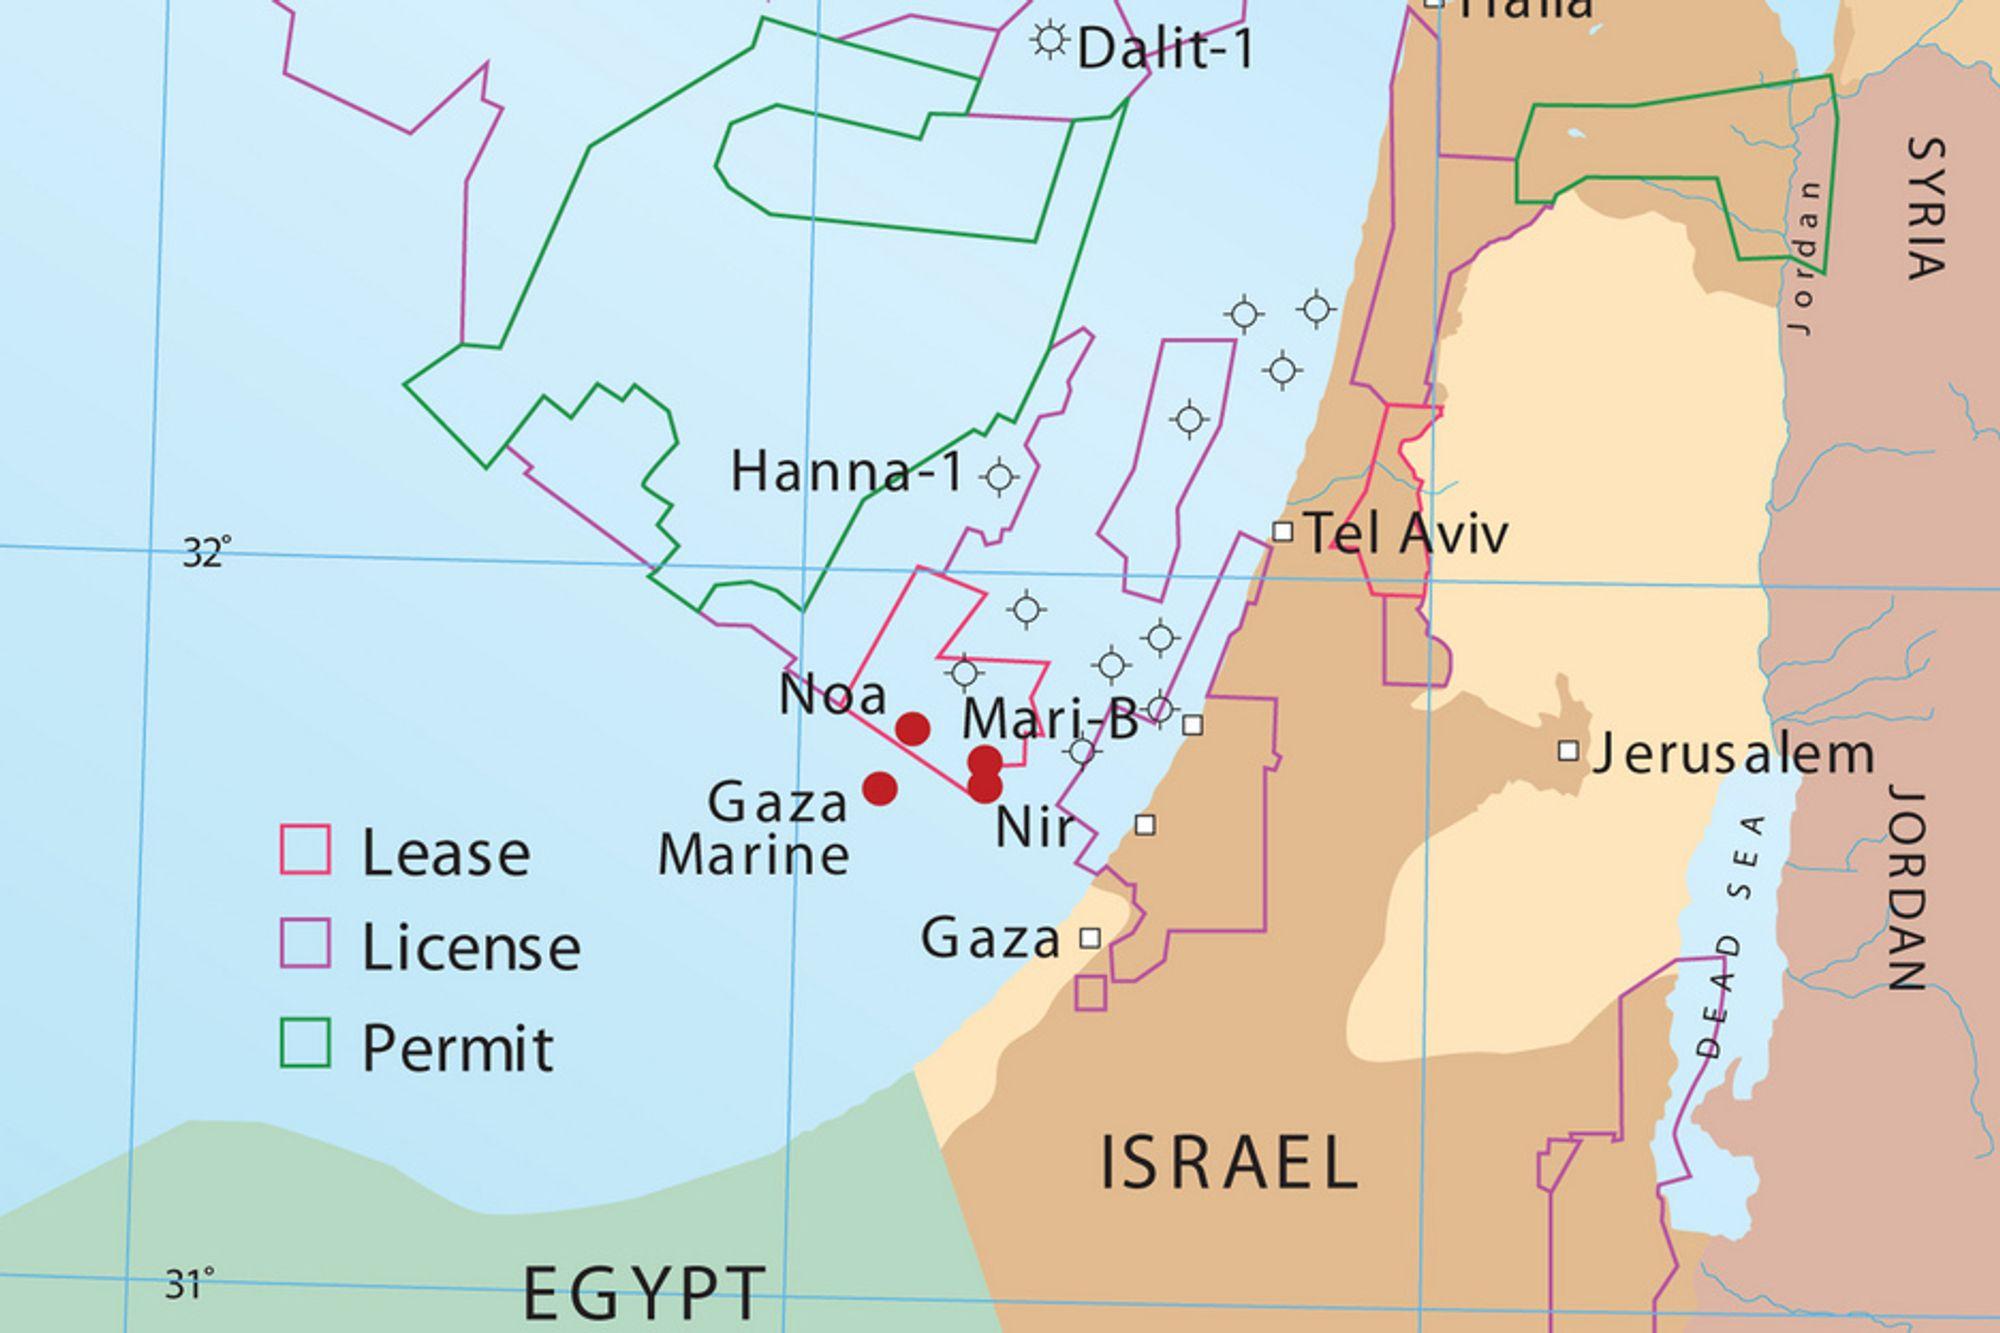 Israel vil sende en delegasjon til Norge for å lære om petroleumsutvinning, til tross for en kjølig respons fra norske myndigheter.